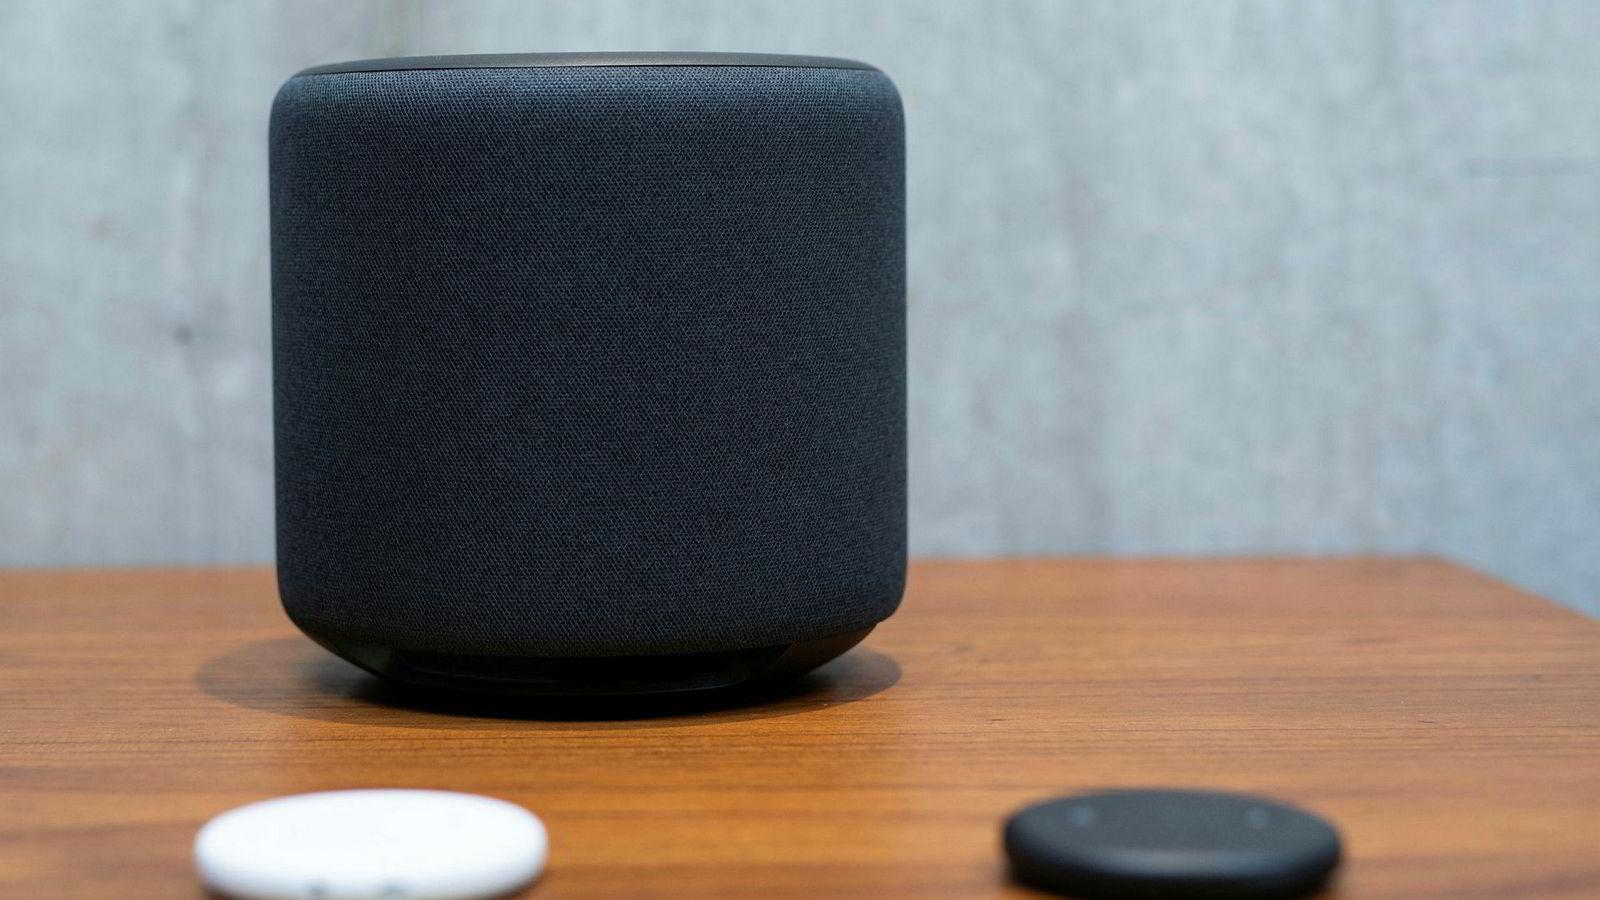 Amazons Echo, boksen som inneholder talegjenkjenningssystemet Alexa, sklir inn i hjemmet med sin nøytrale design.